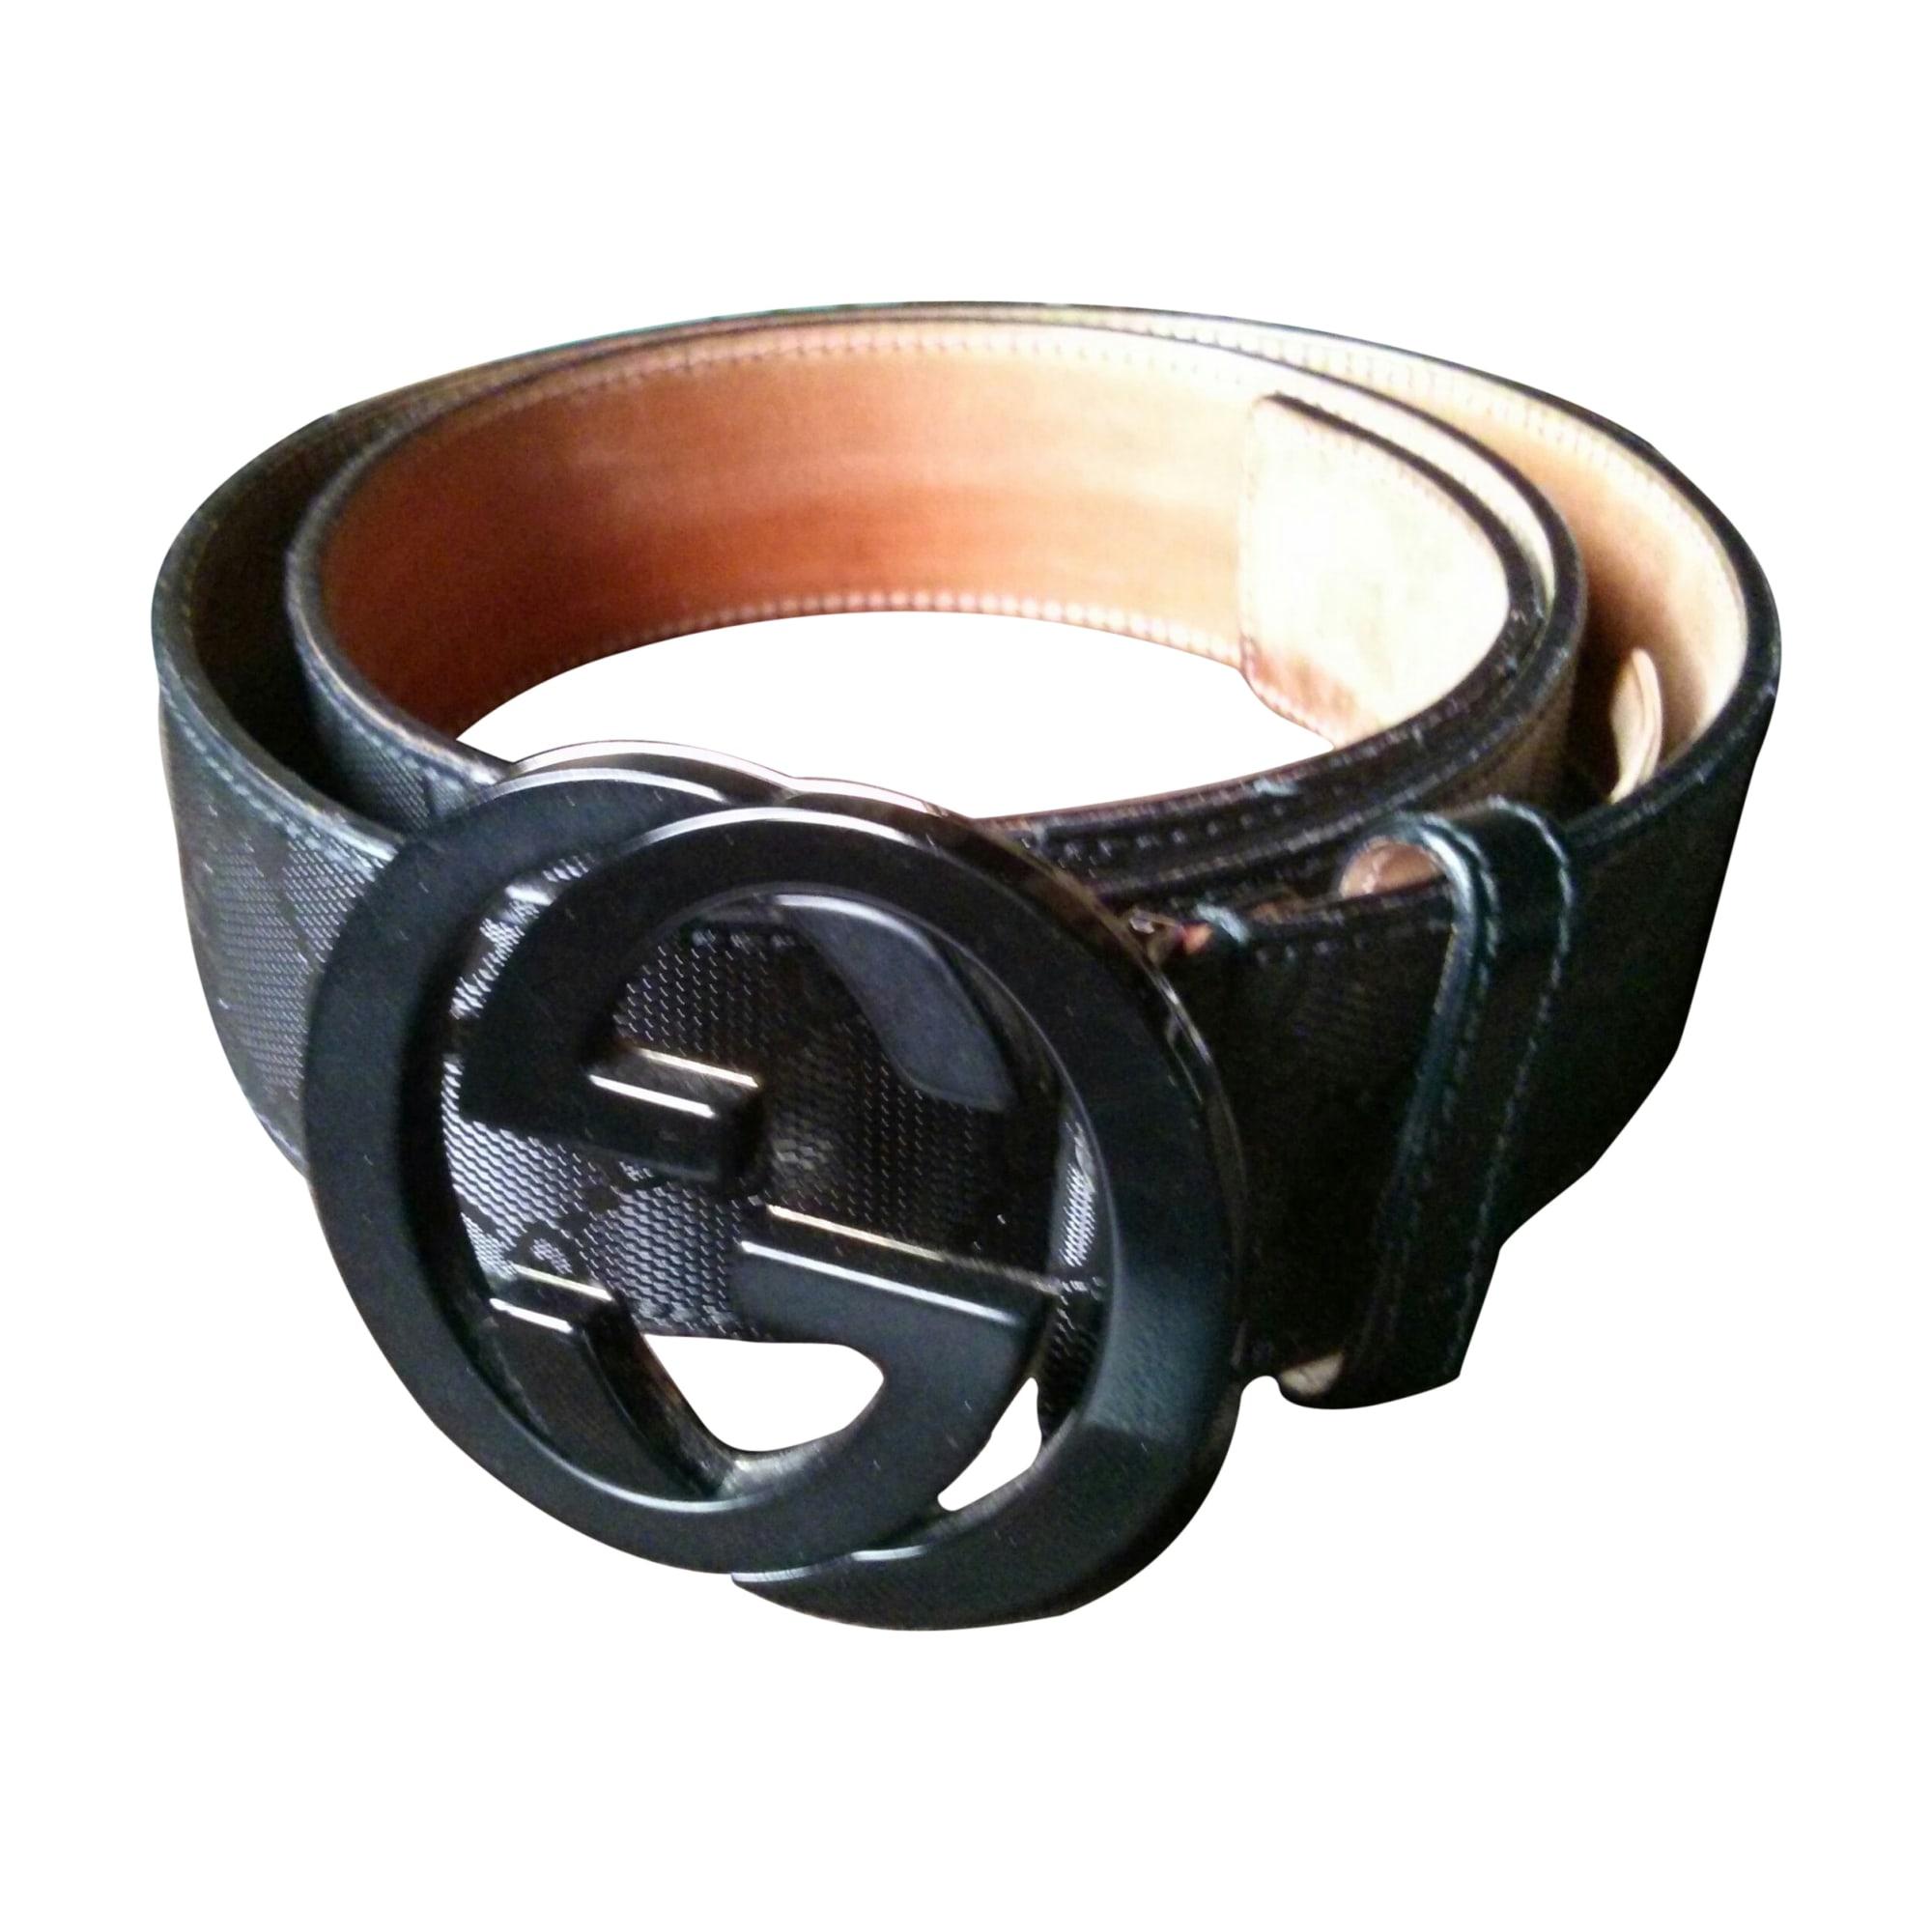 6068c58d89c2 Ceinture GUCCI 95 noir vendu par Le vestiaire de greg - 2045291